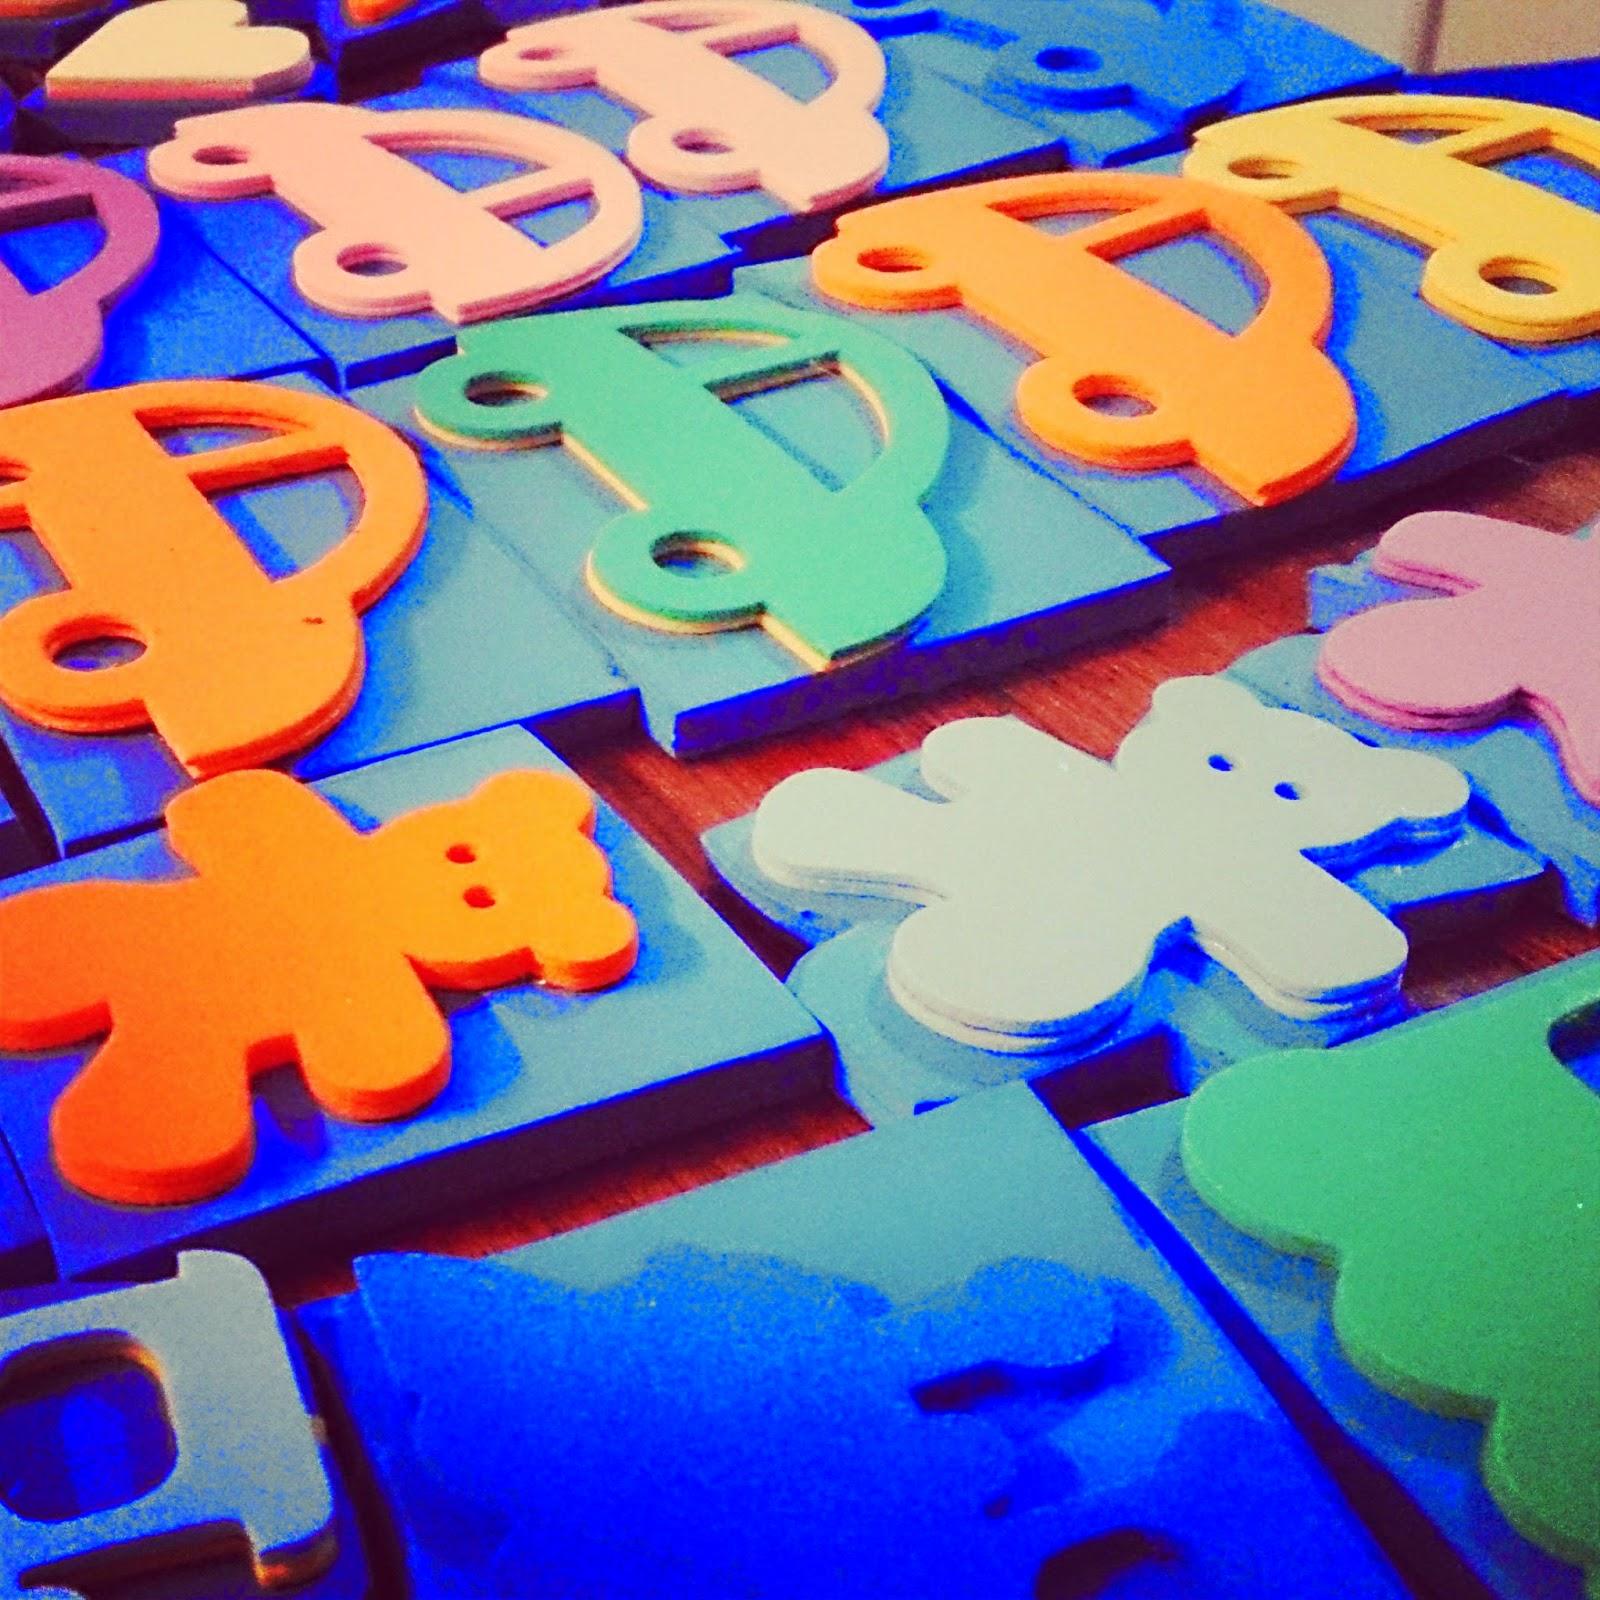 www.elcastigodeadanyeva.blogspot.com